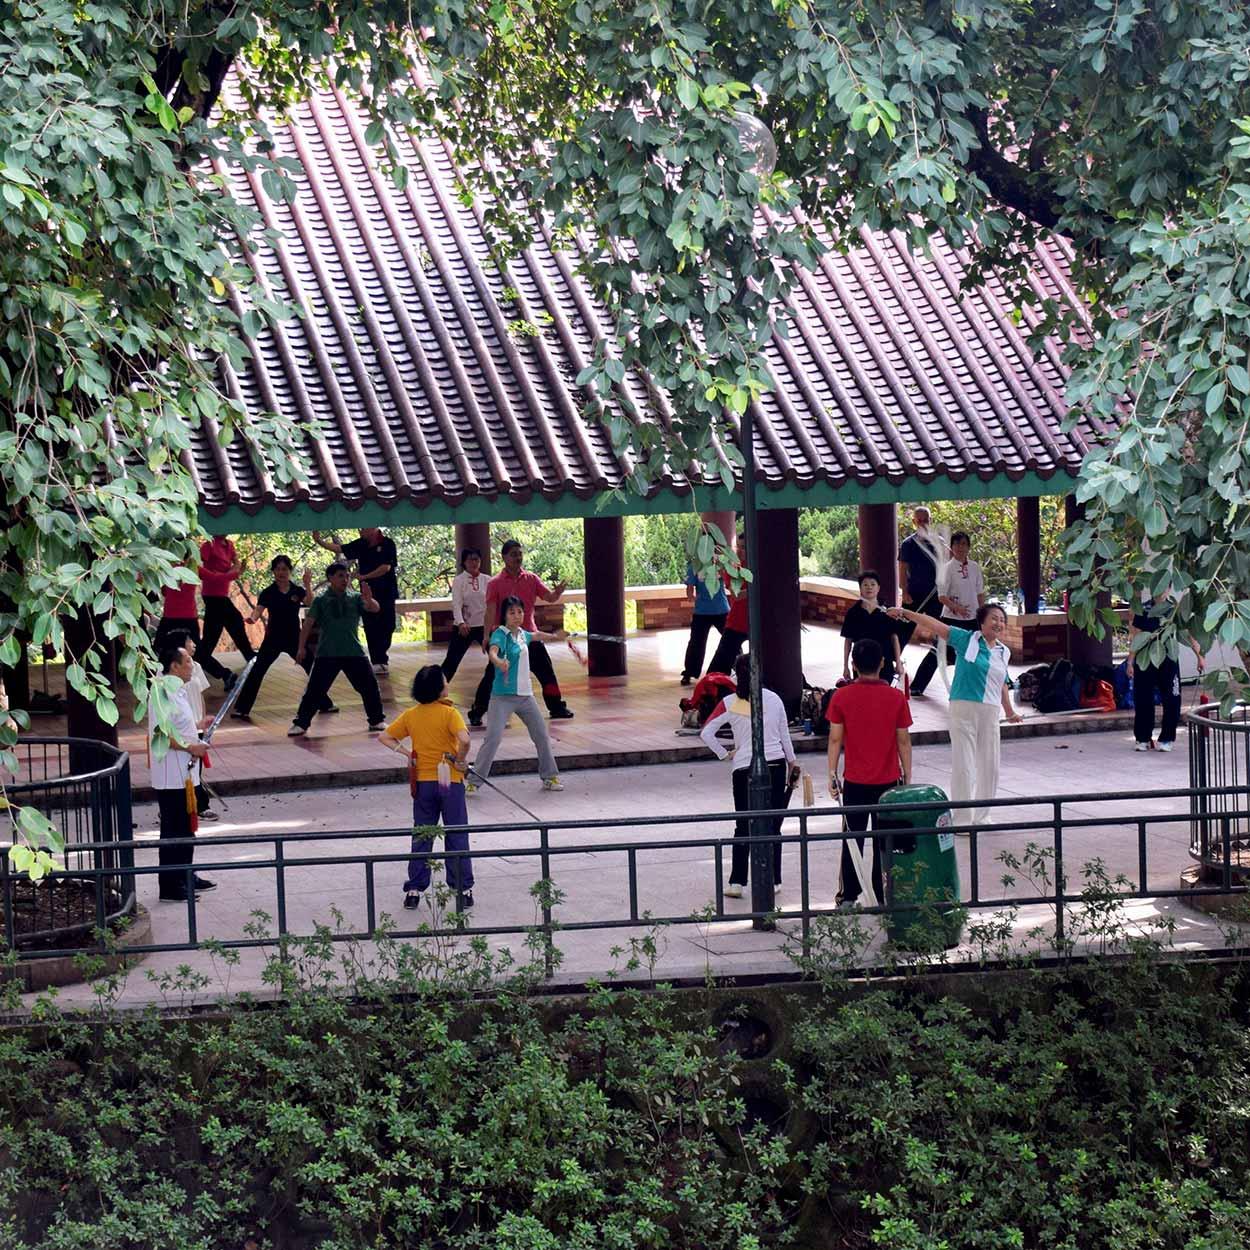 Sword play, Kowloon Park, Hong Kong, China